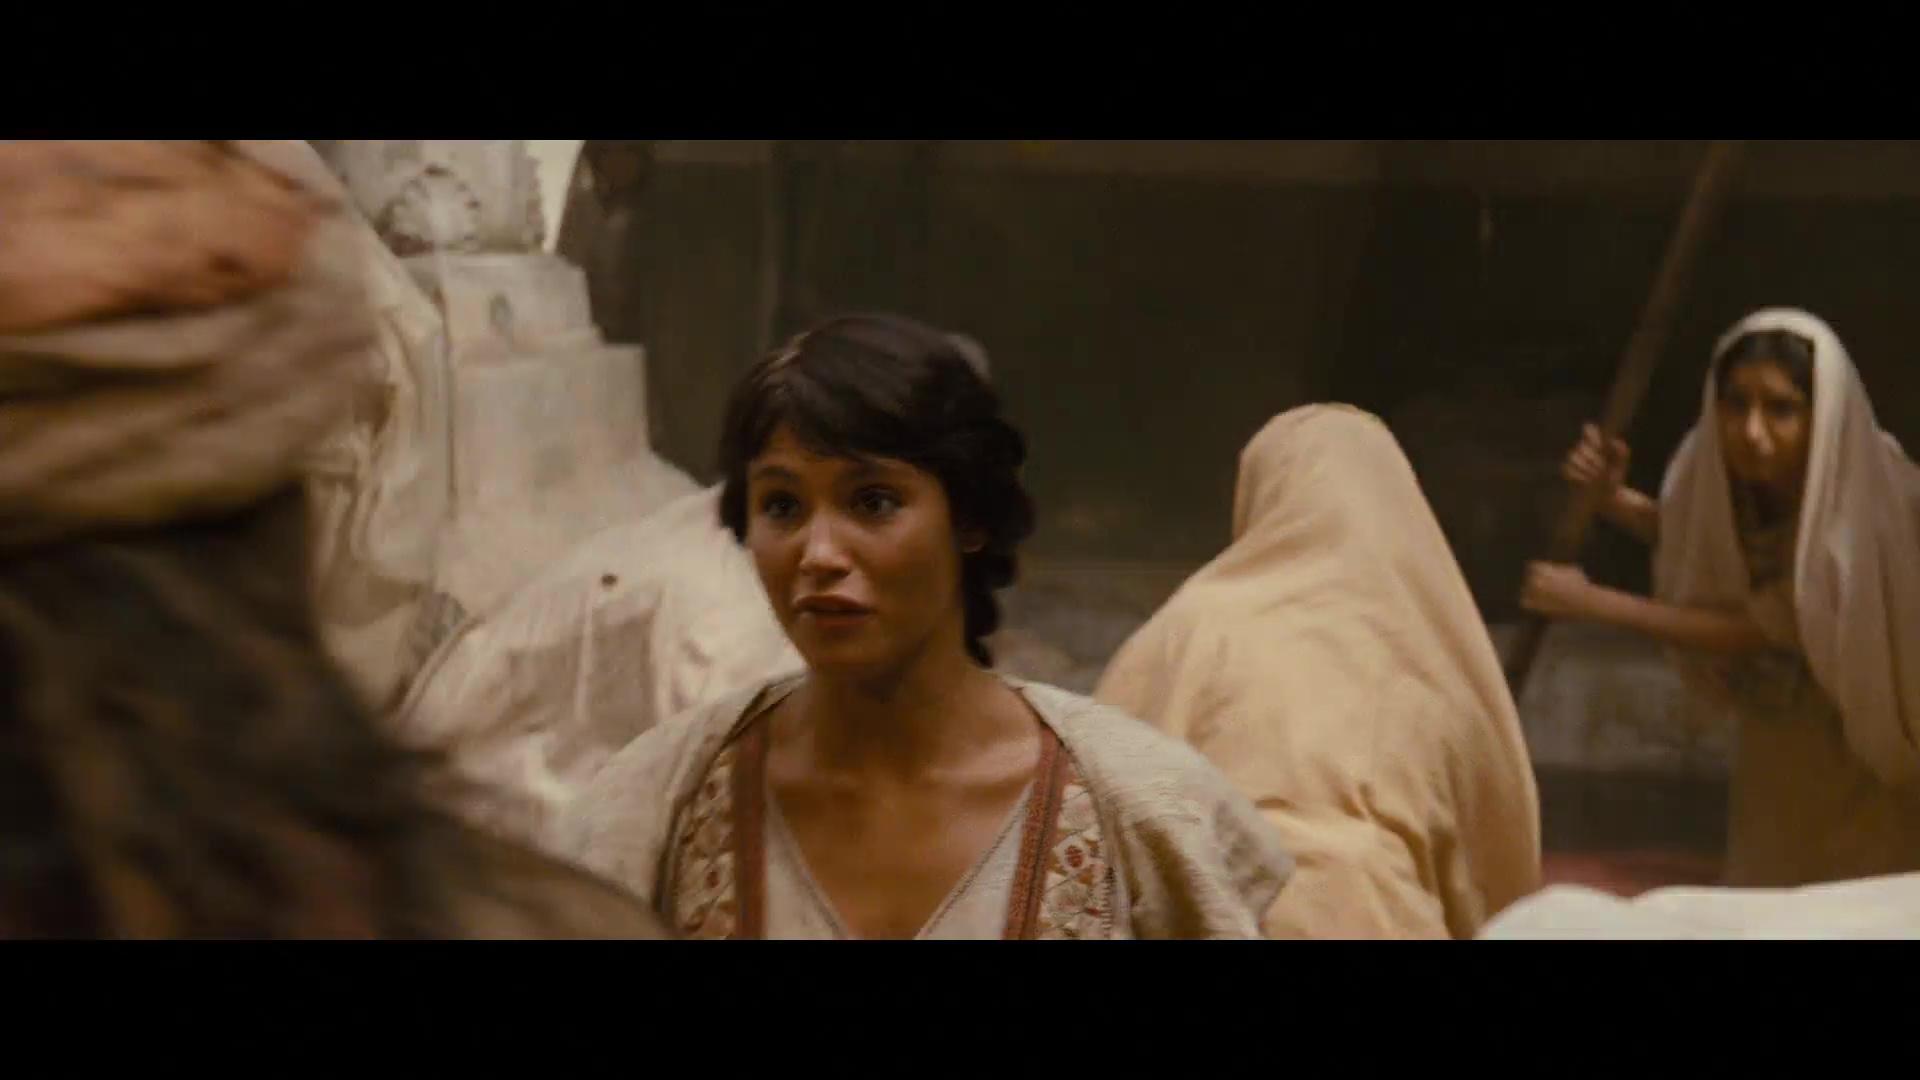 El Principe De Persia Las Arenas Del Tiempo 1080p Lat-Cast-Ing 5.1 (2010)